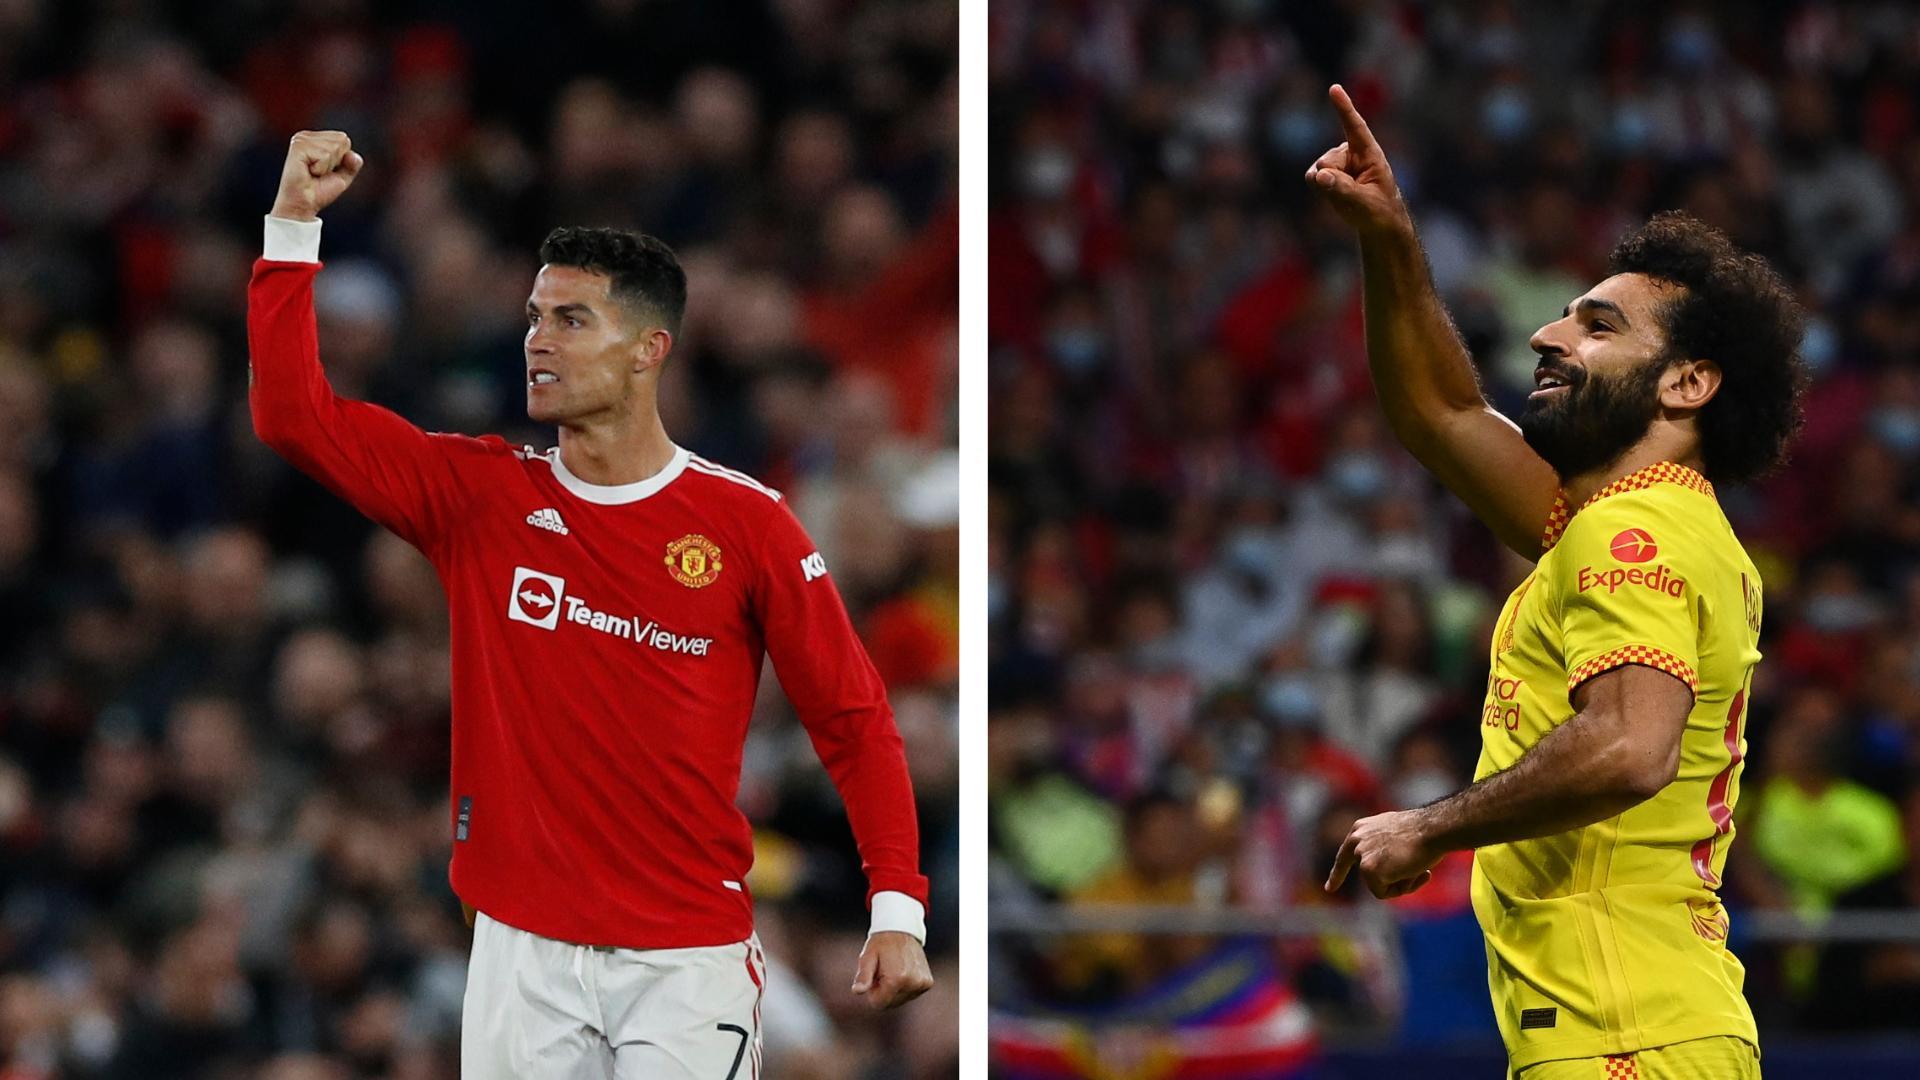 Origines commerciales, Sir Alex Ferguson, dérives...L'histoire de la rivalité entre Manchester United et Liverpool